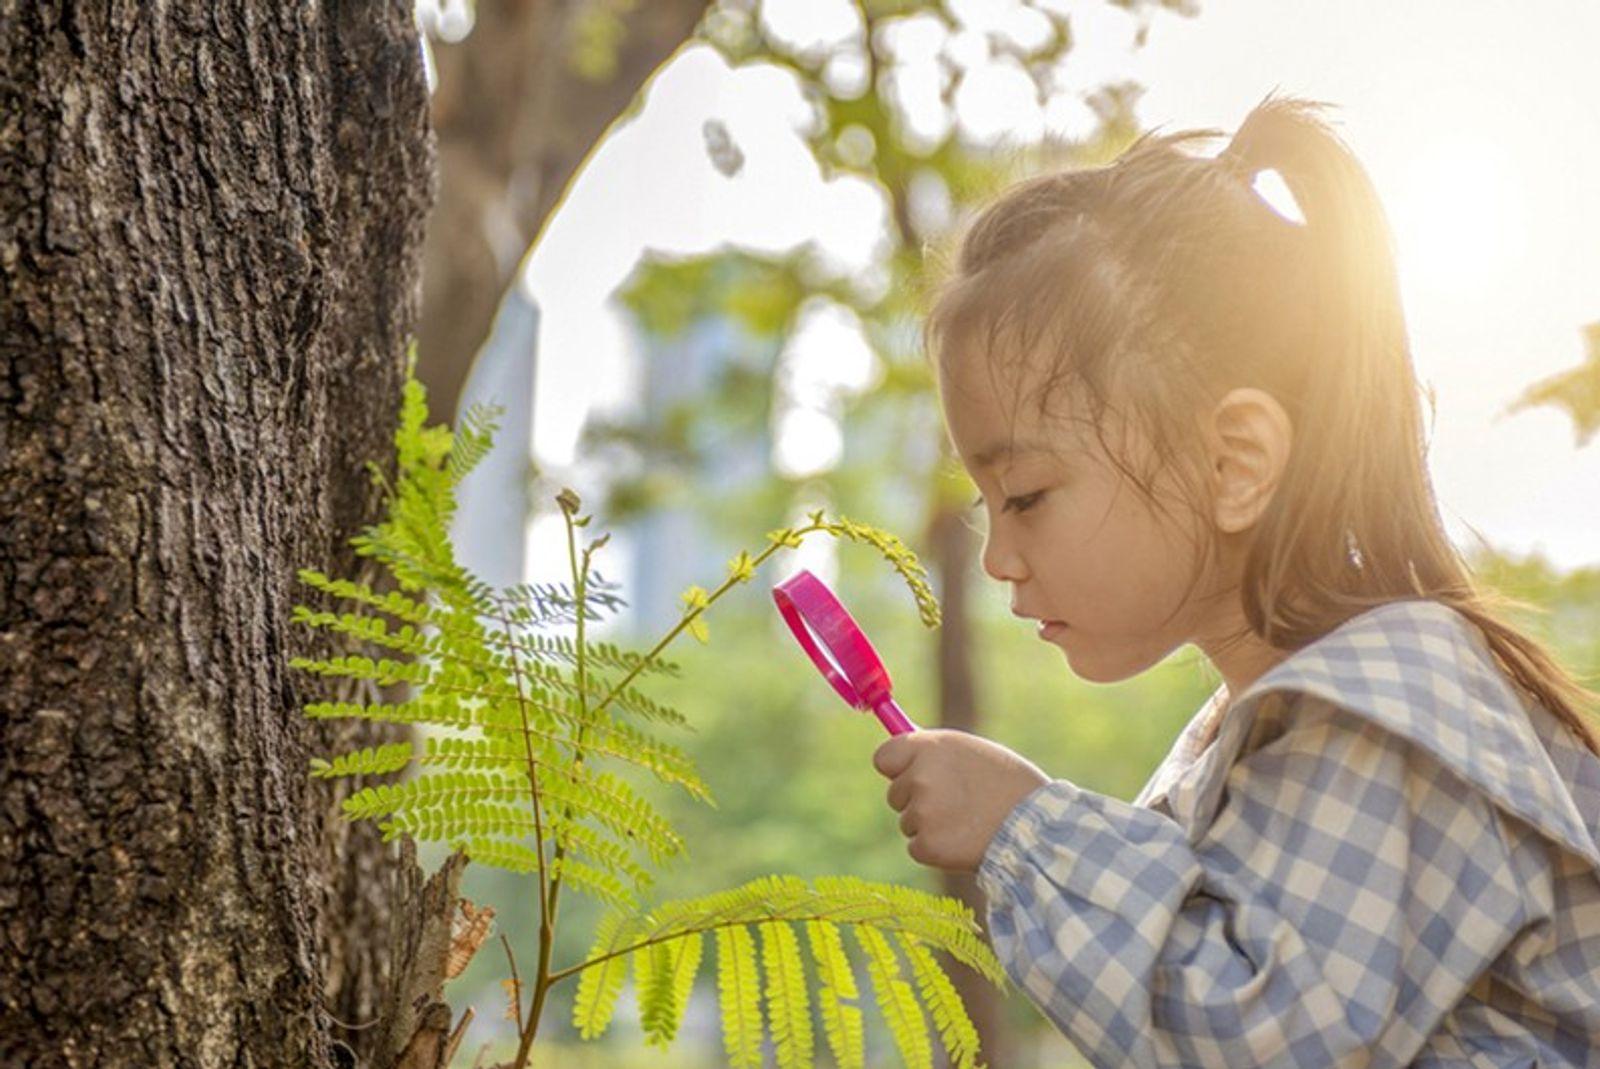 Está Preocupado com os Efeitos do Coronavírus na Escolaridade dos Seus Filhos? A Natureza Pode Ajudar.